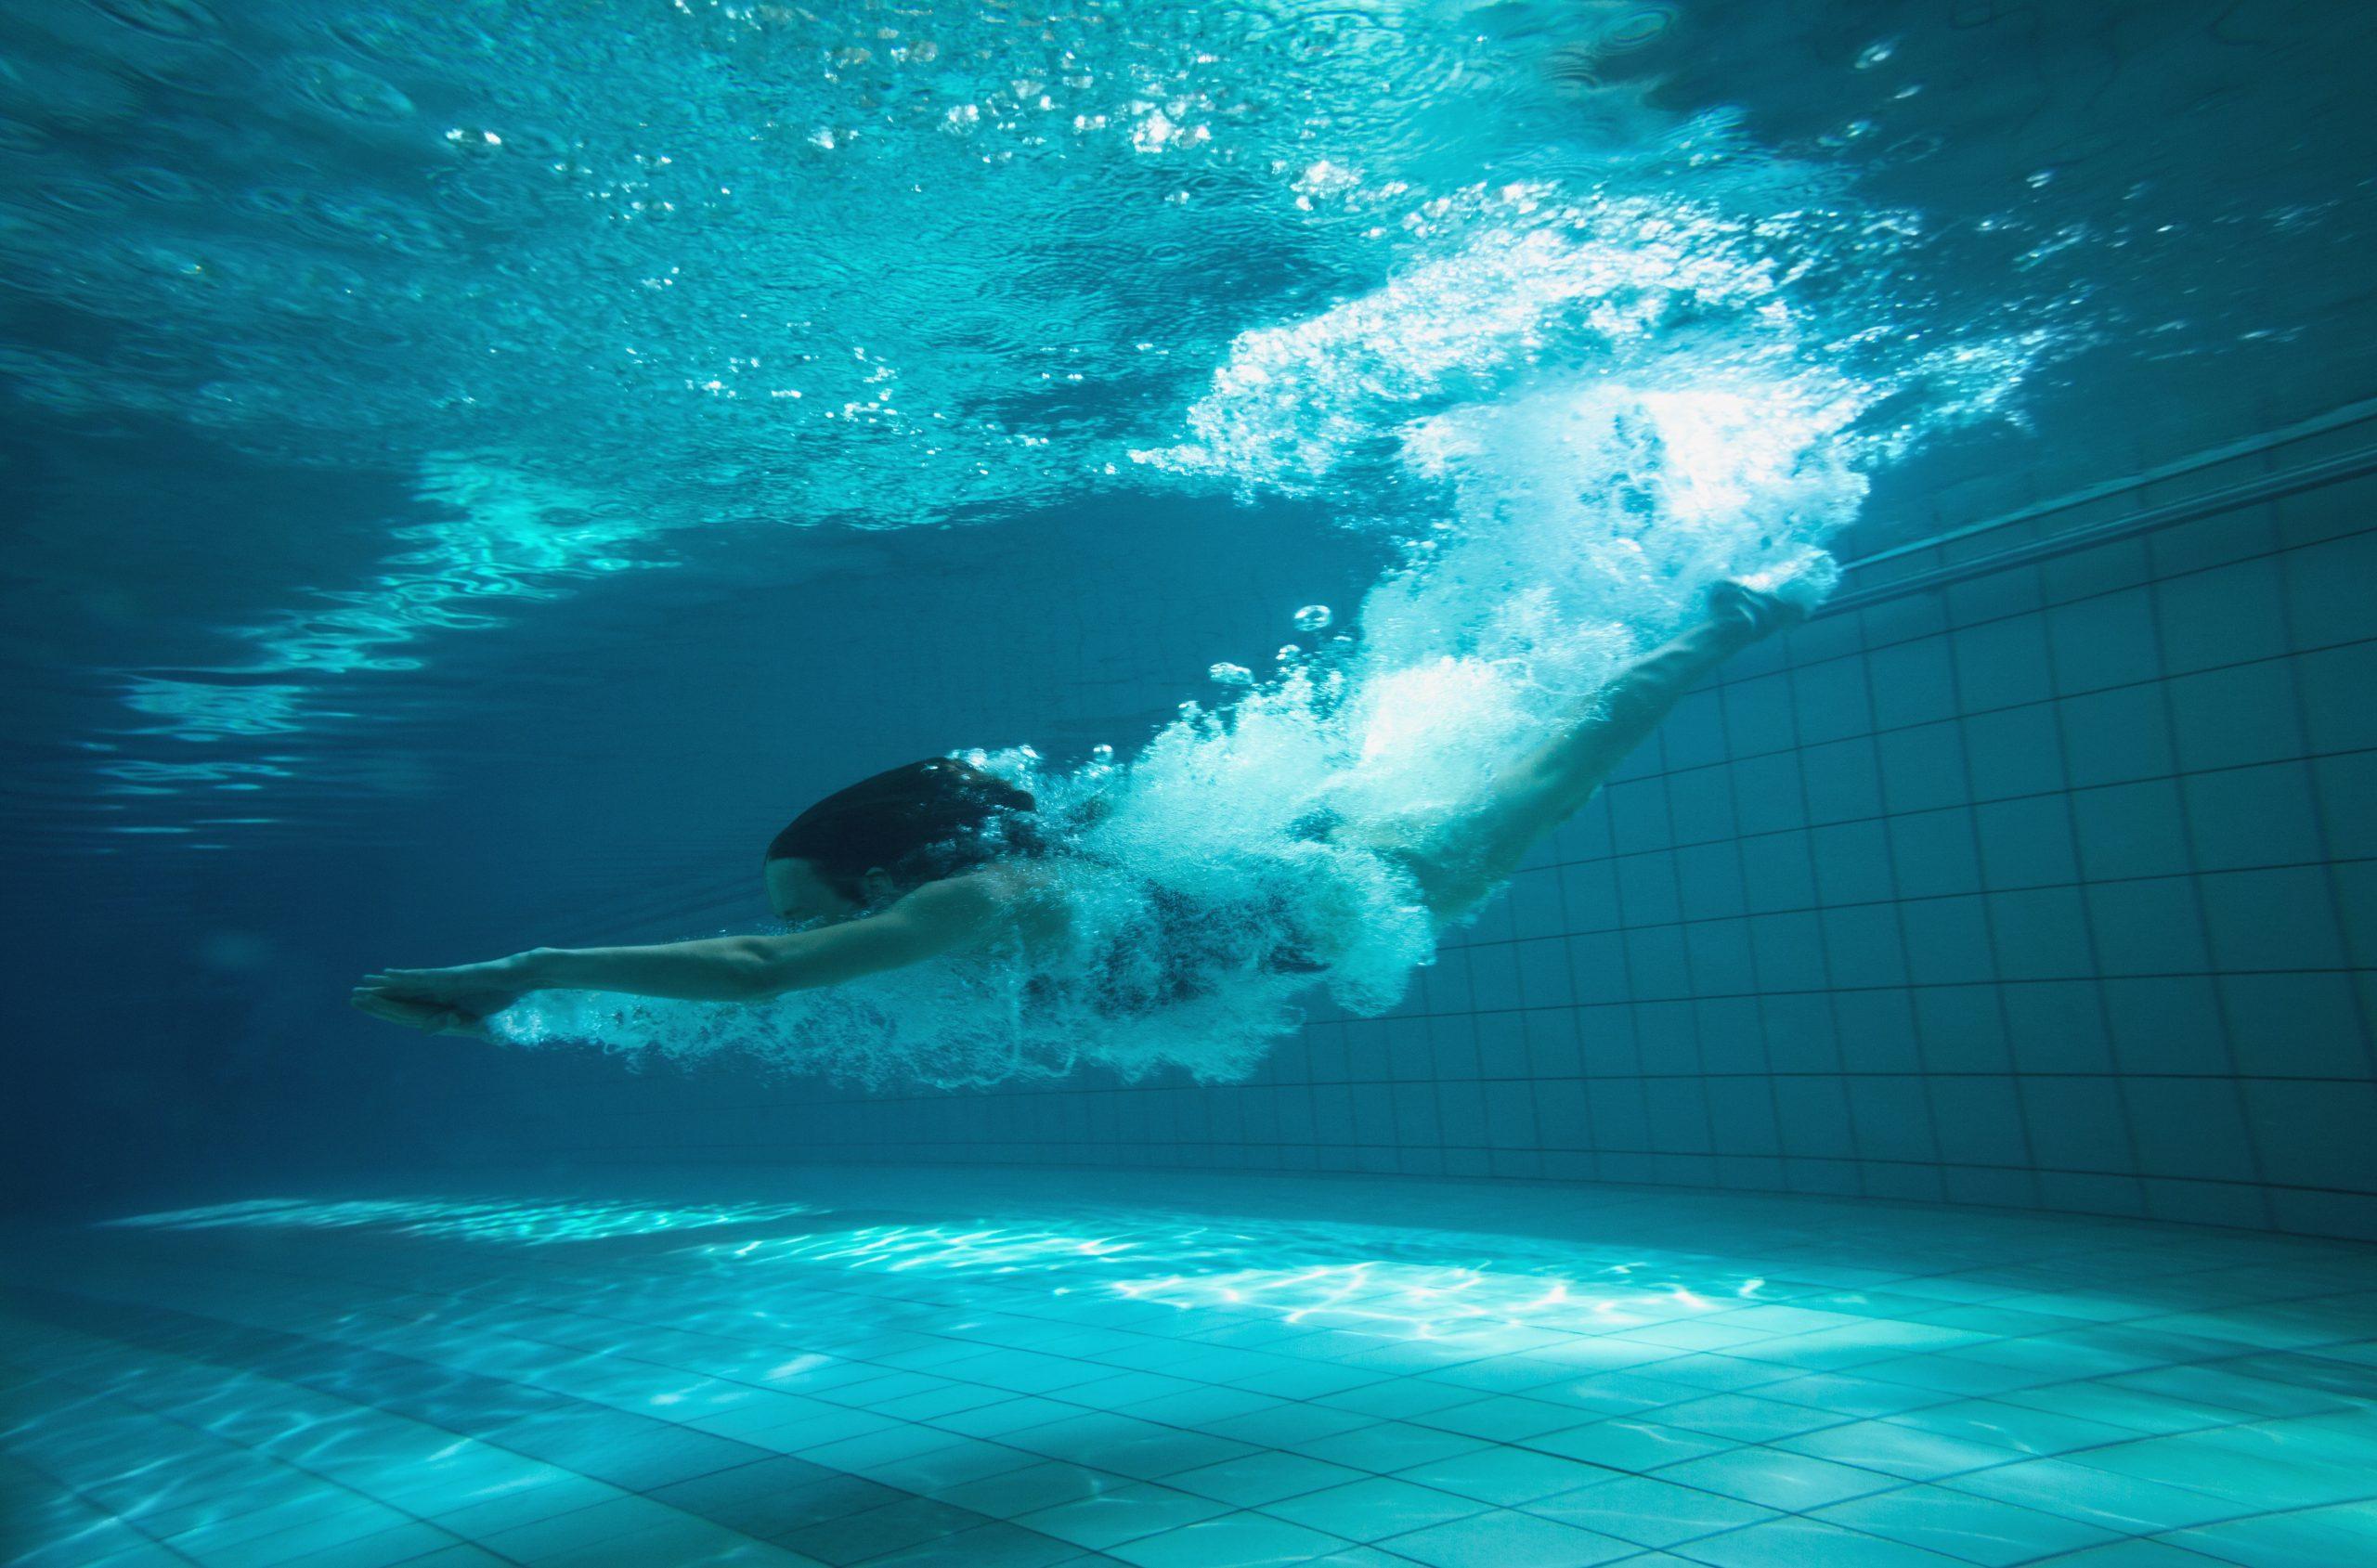 Kobieta nurkuje w basenie